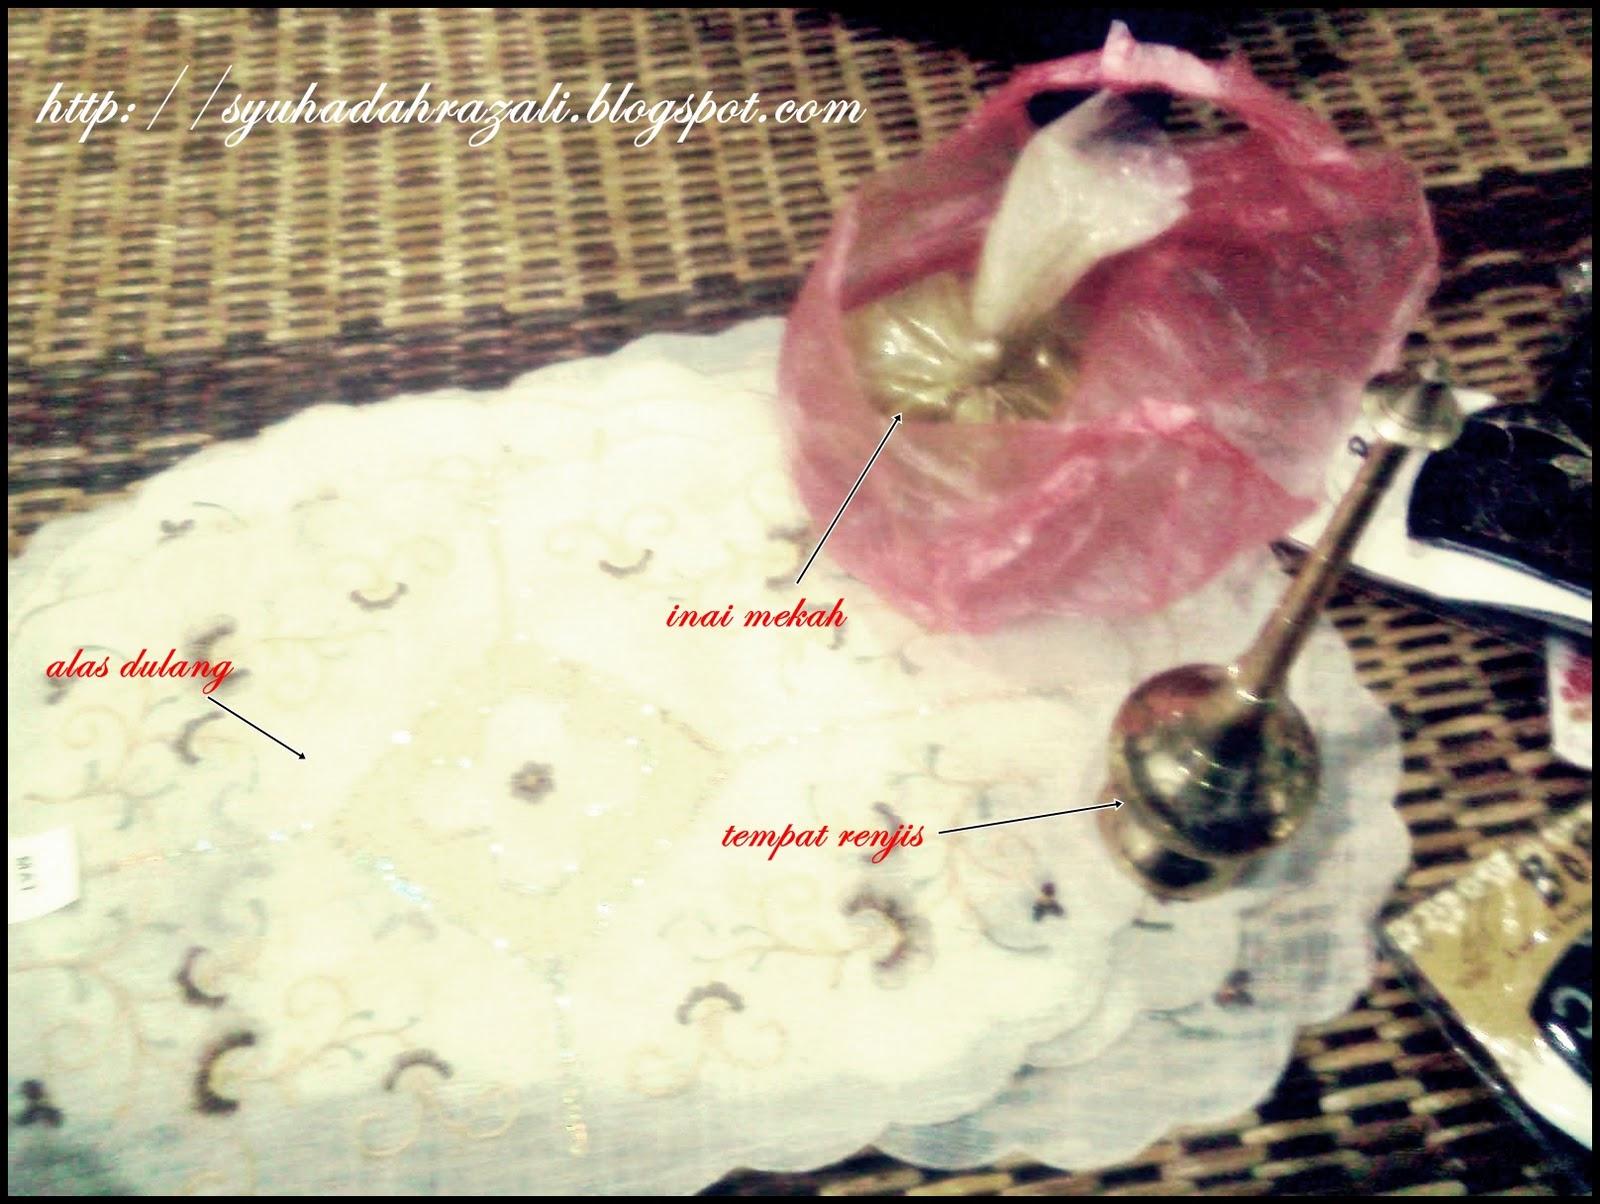 SyuhadahRazali 03 01 2011 04 01 2011